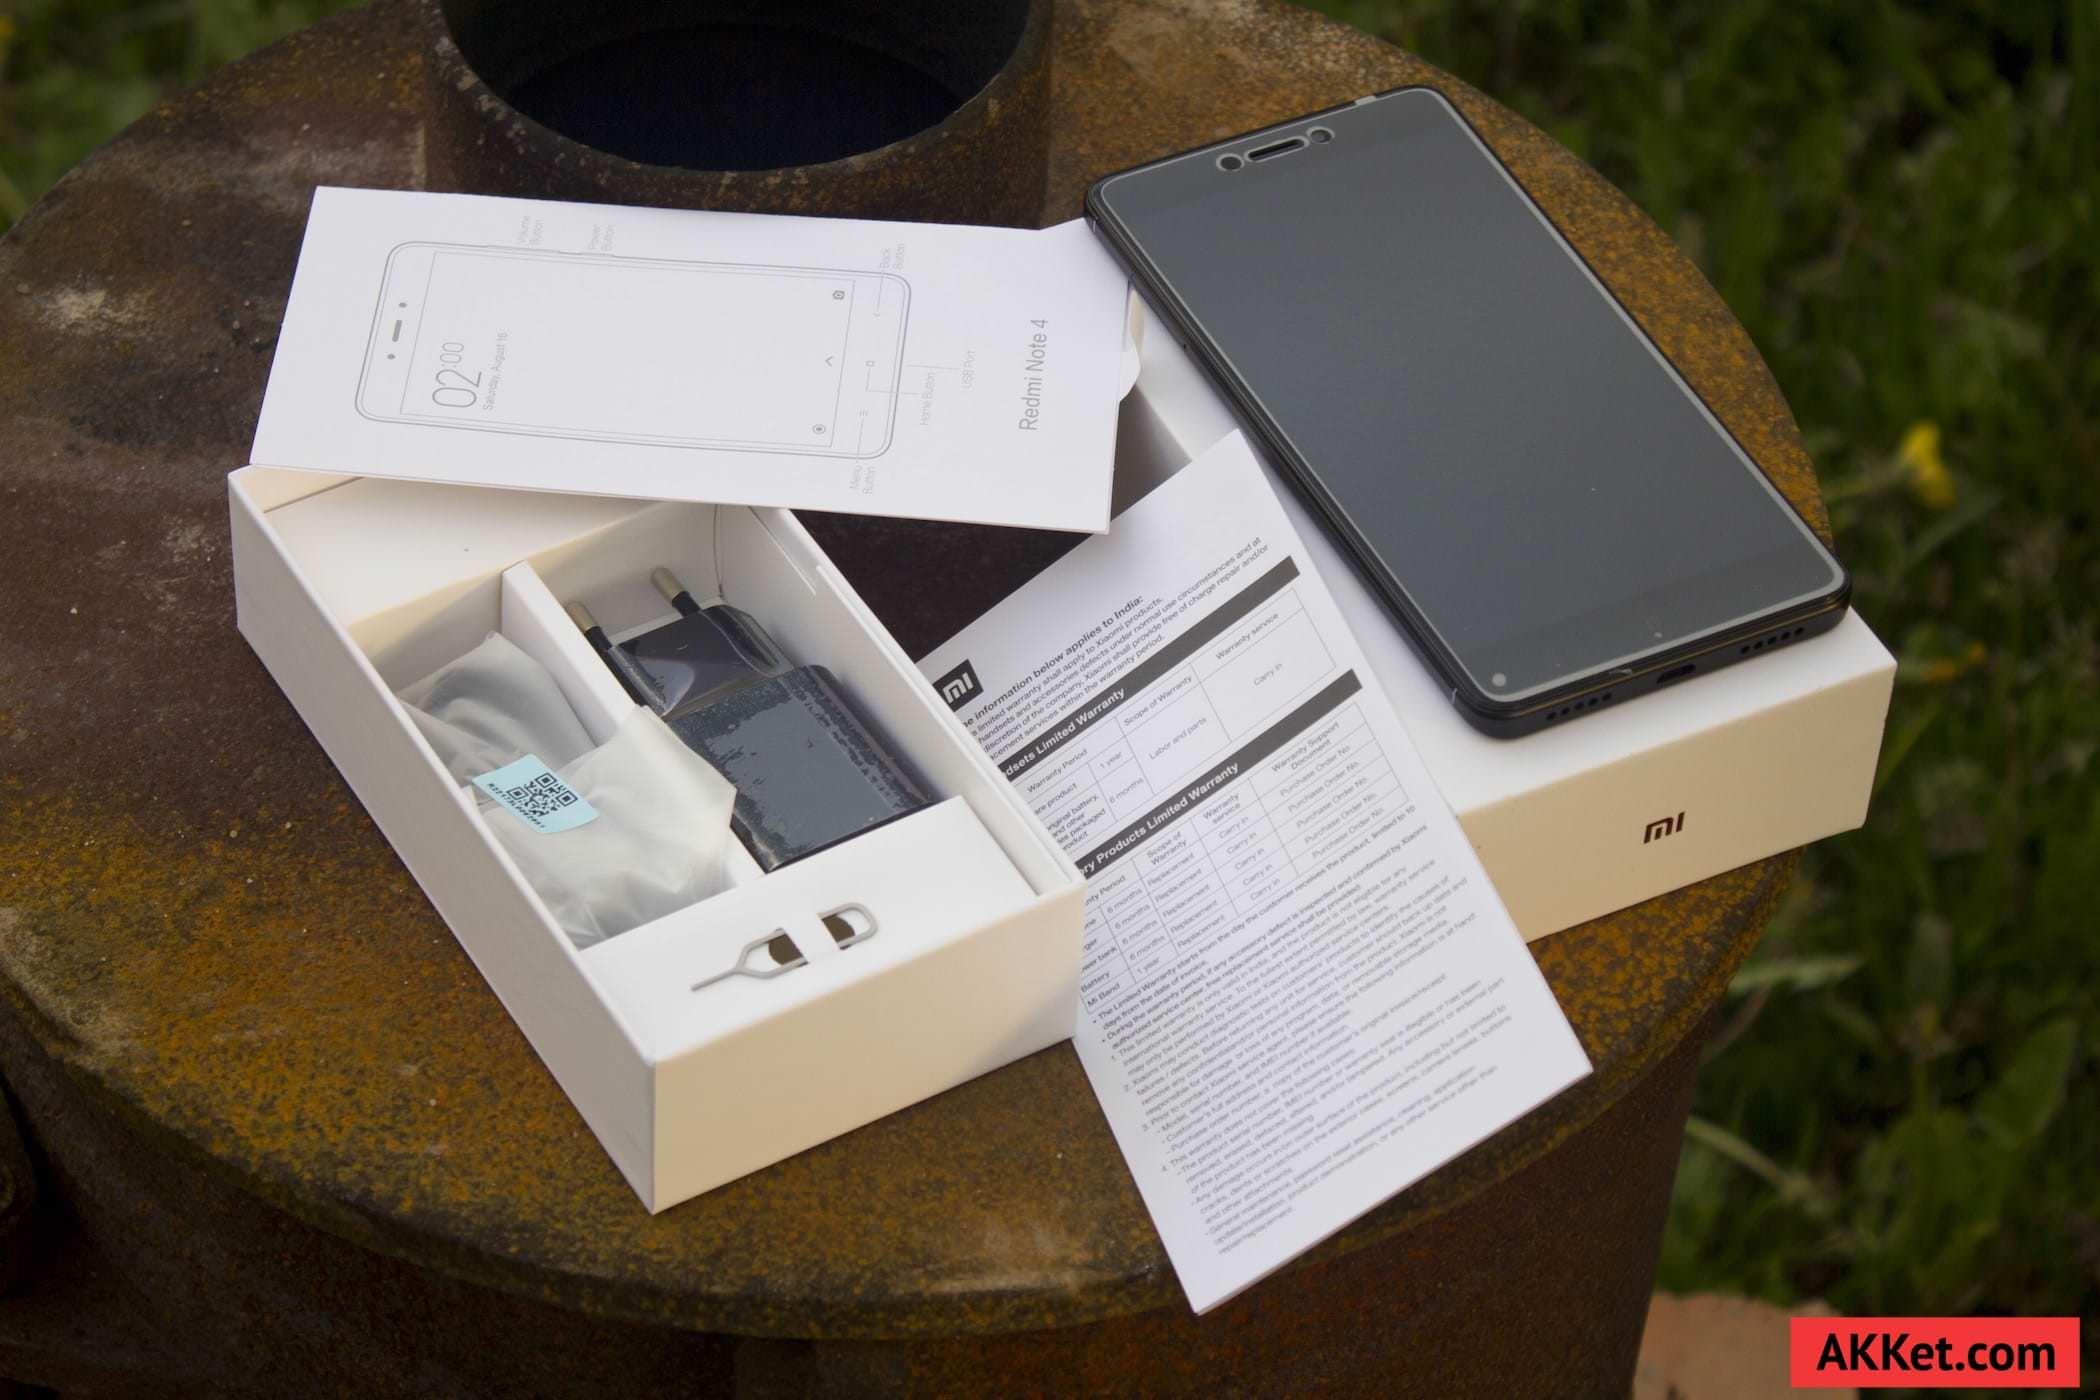 Внутри упаковки можно обнаружить сам смартфон на Рицевой части которого накРеена матовая защитная пРенка фирменный адаптер питания в черном цвете на 2A